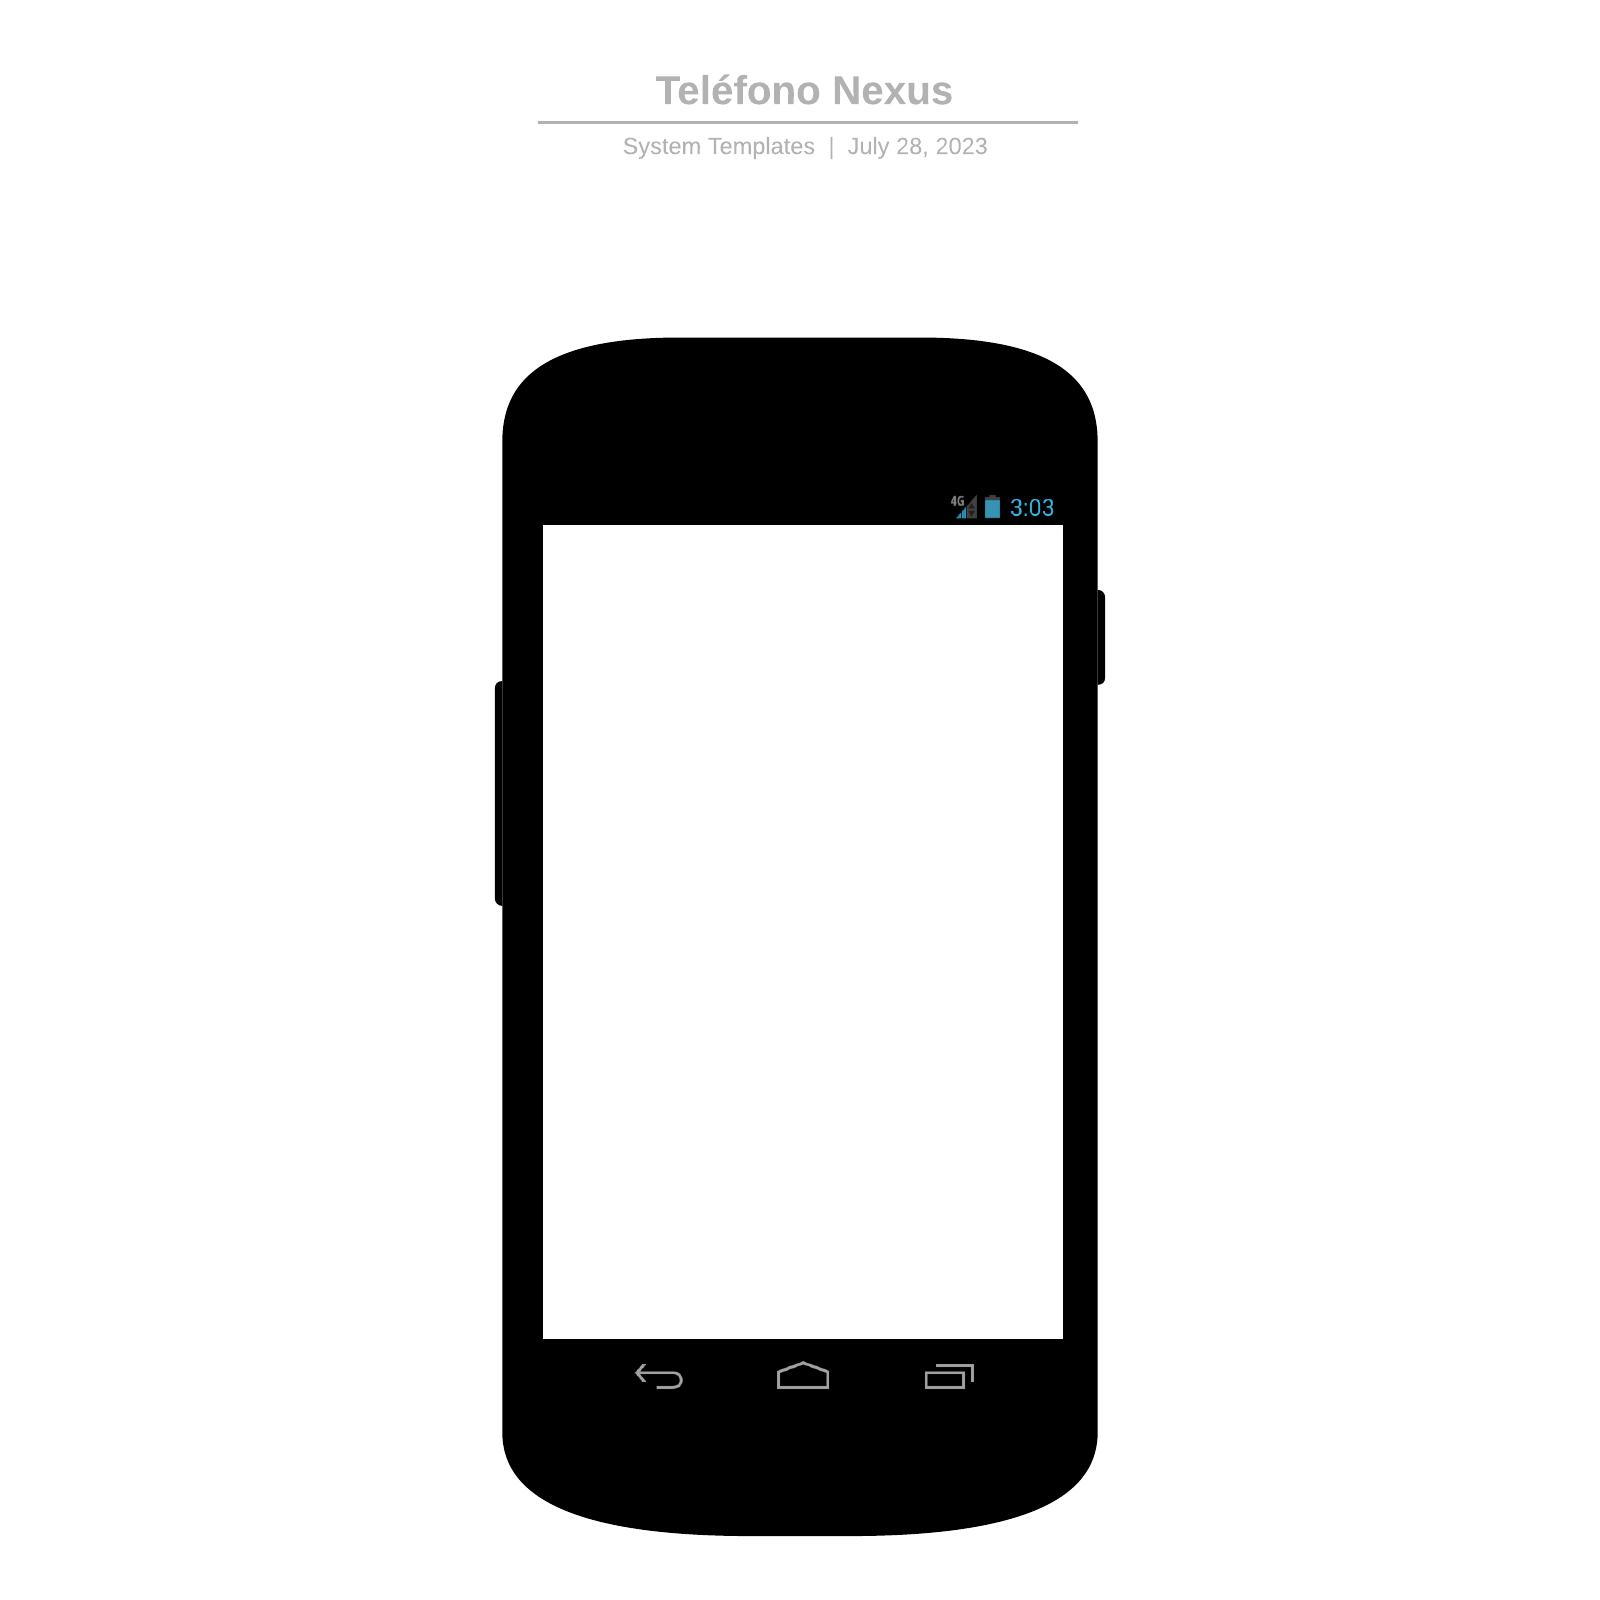 Teléfono Nexus